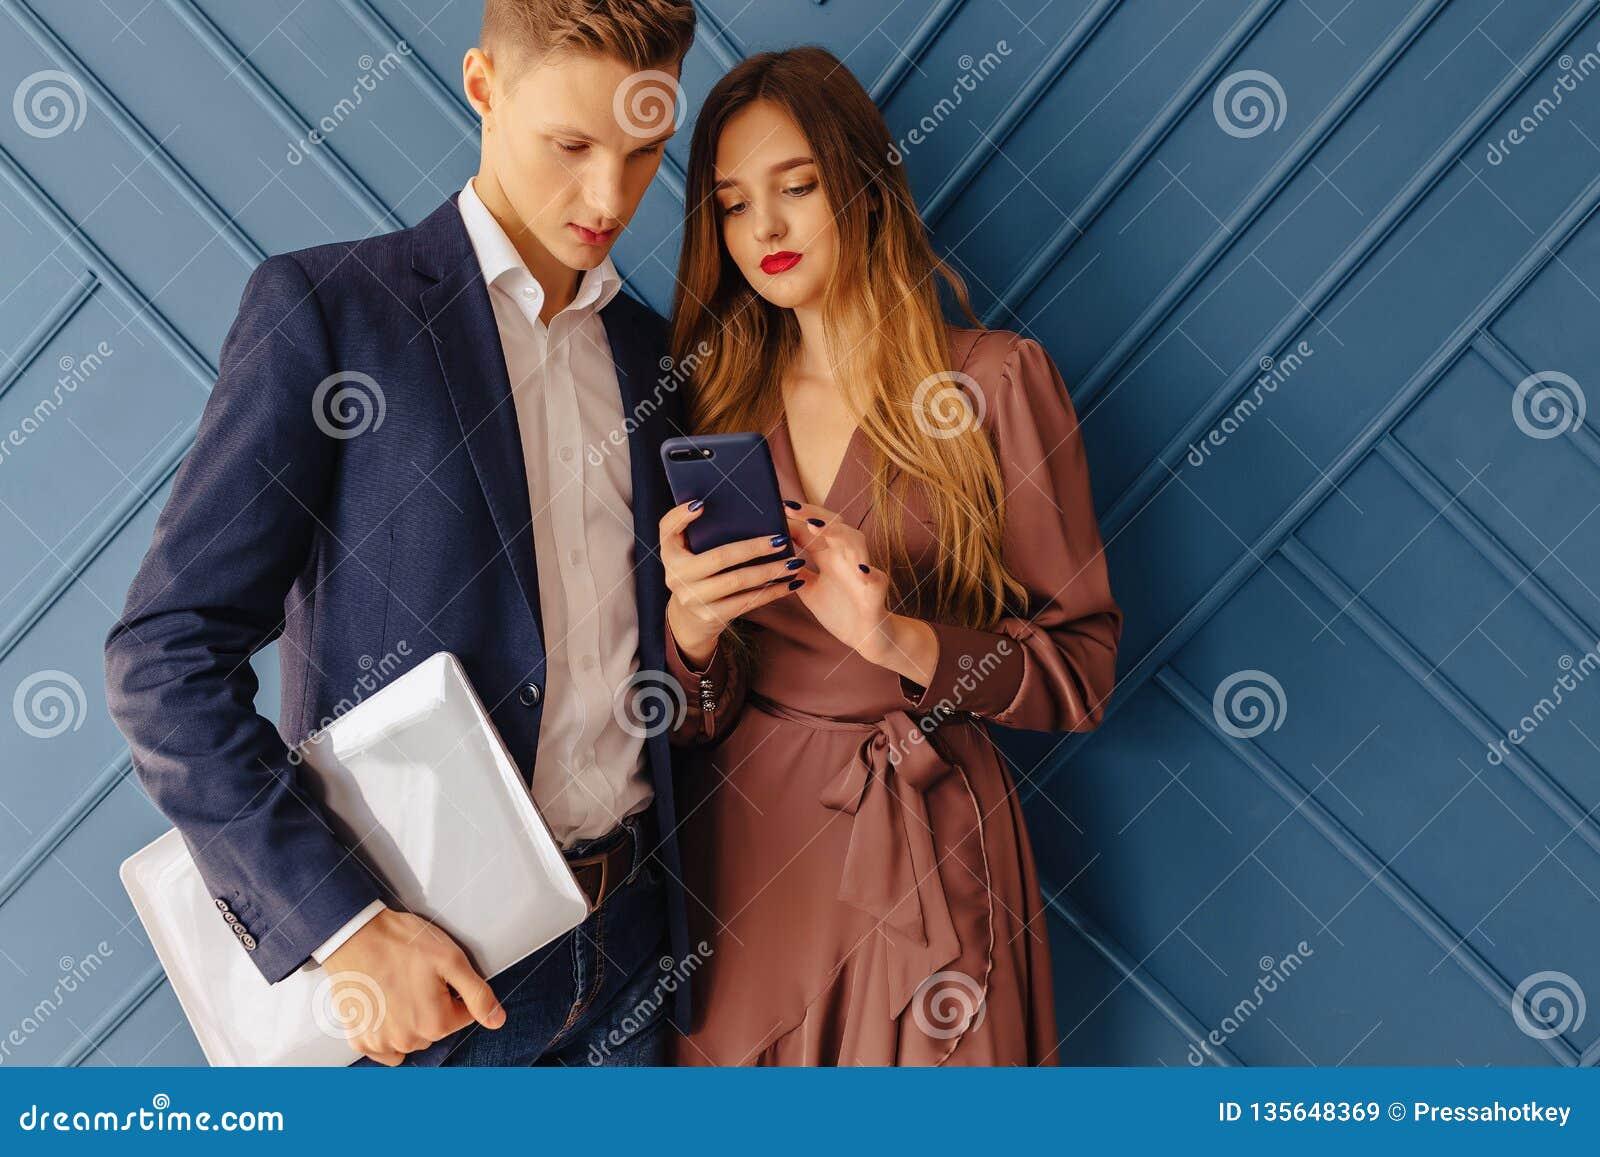 Парень с девушкой на работе работа для девушек статьи